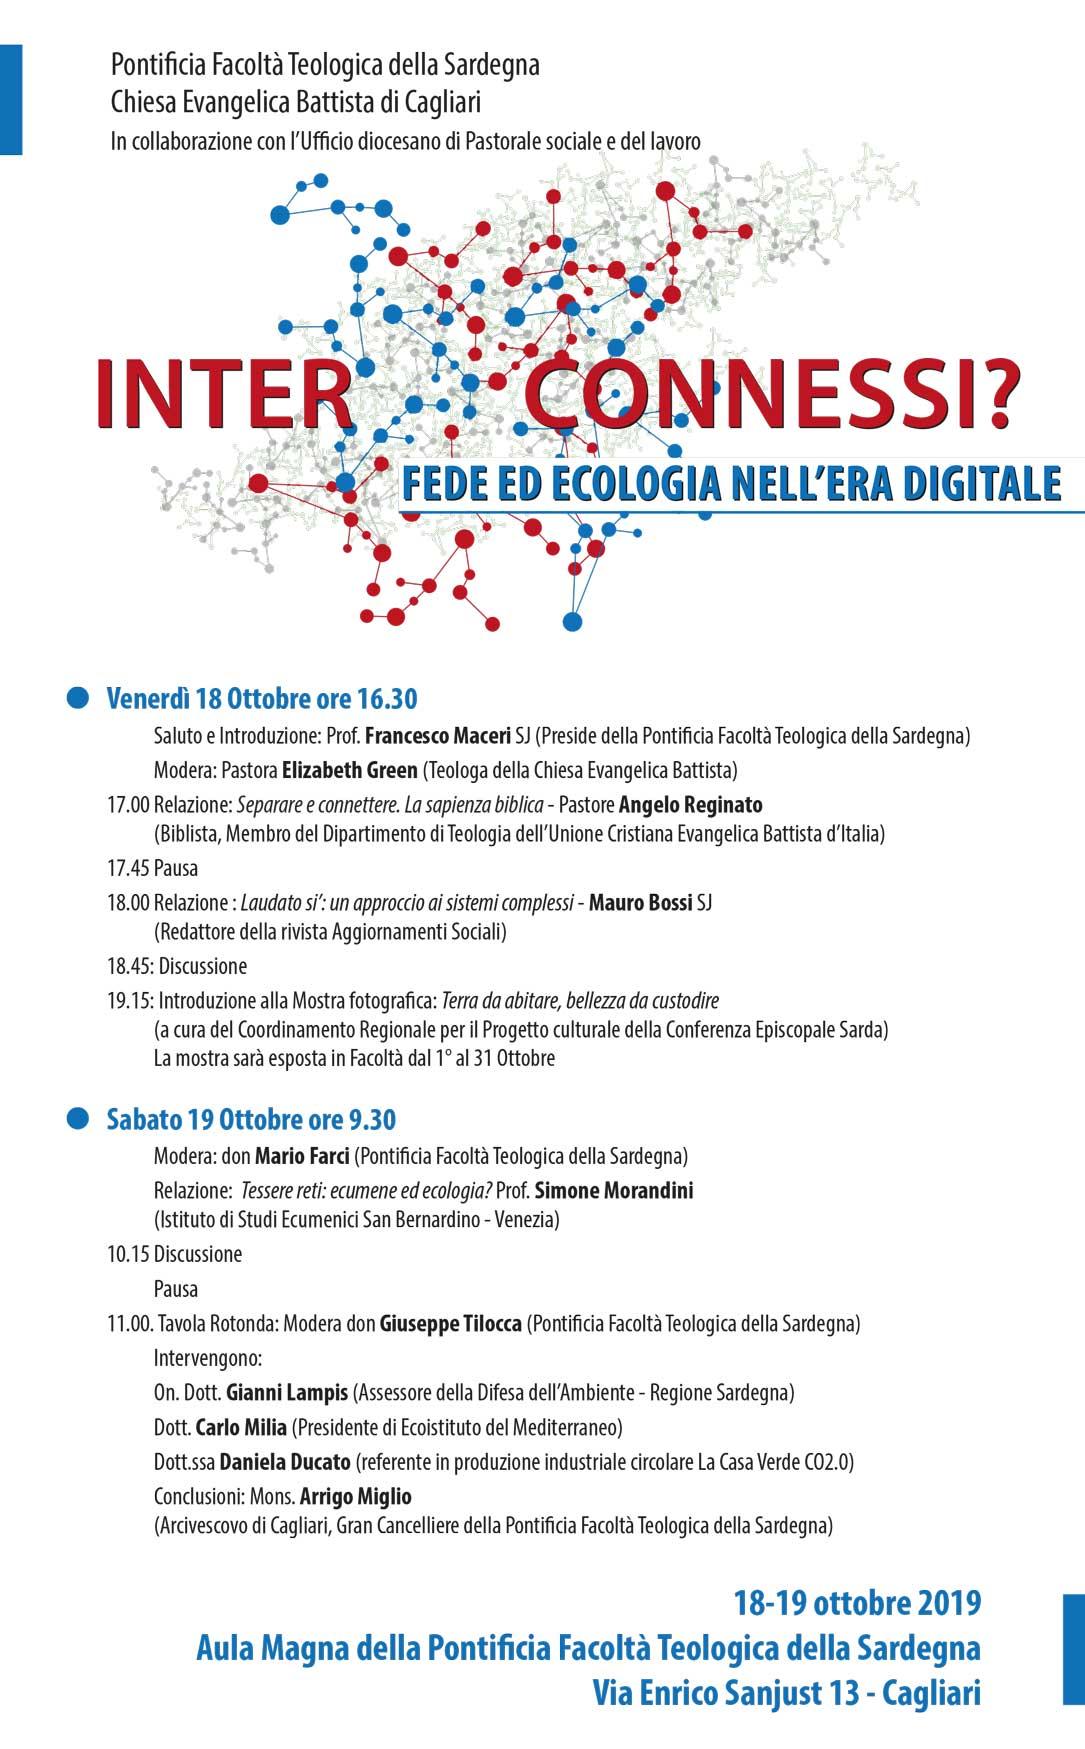 18-19.10.2019, CAGLIARI: INTER CONNESSI, FEDE ED ECOLOGIA NELL'ERA DIGITALE @ Aula Magna della Pontificia Facoltà Teologica della Sardegna